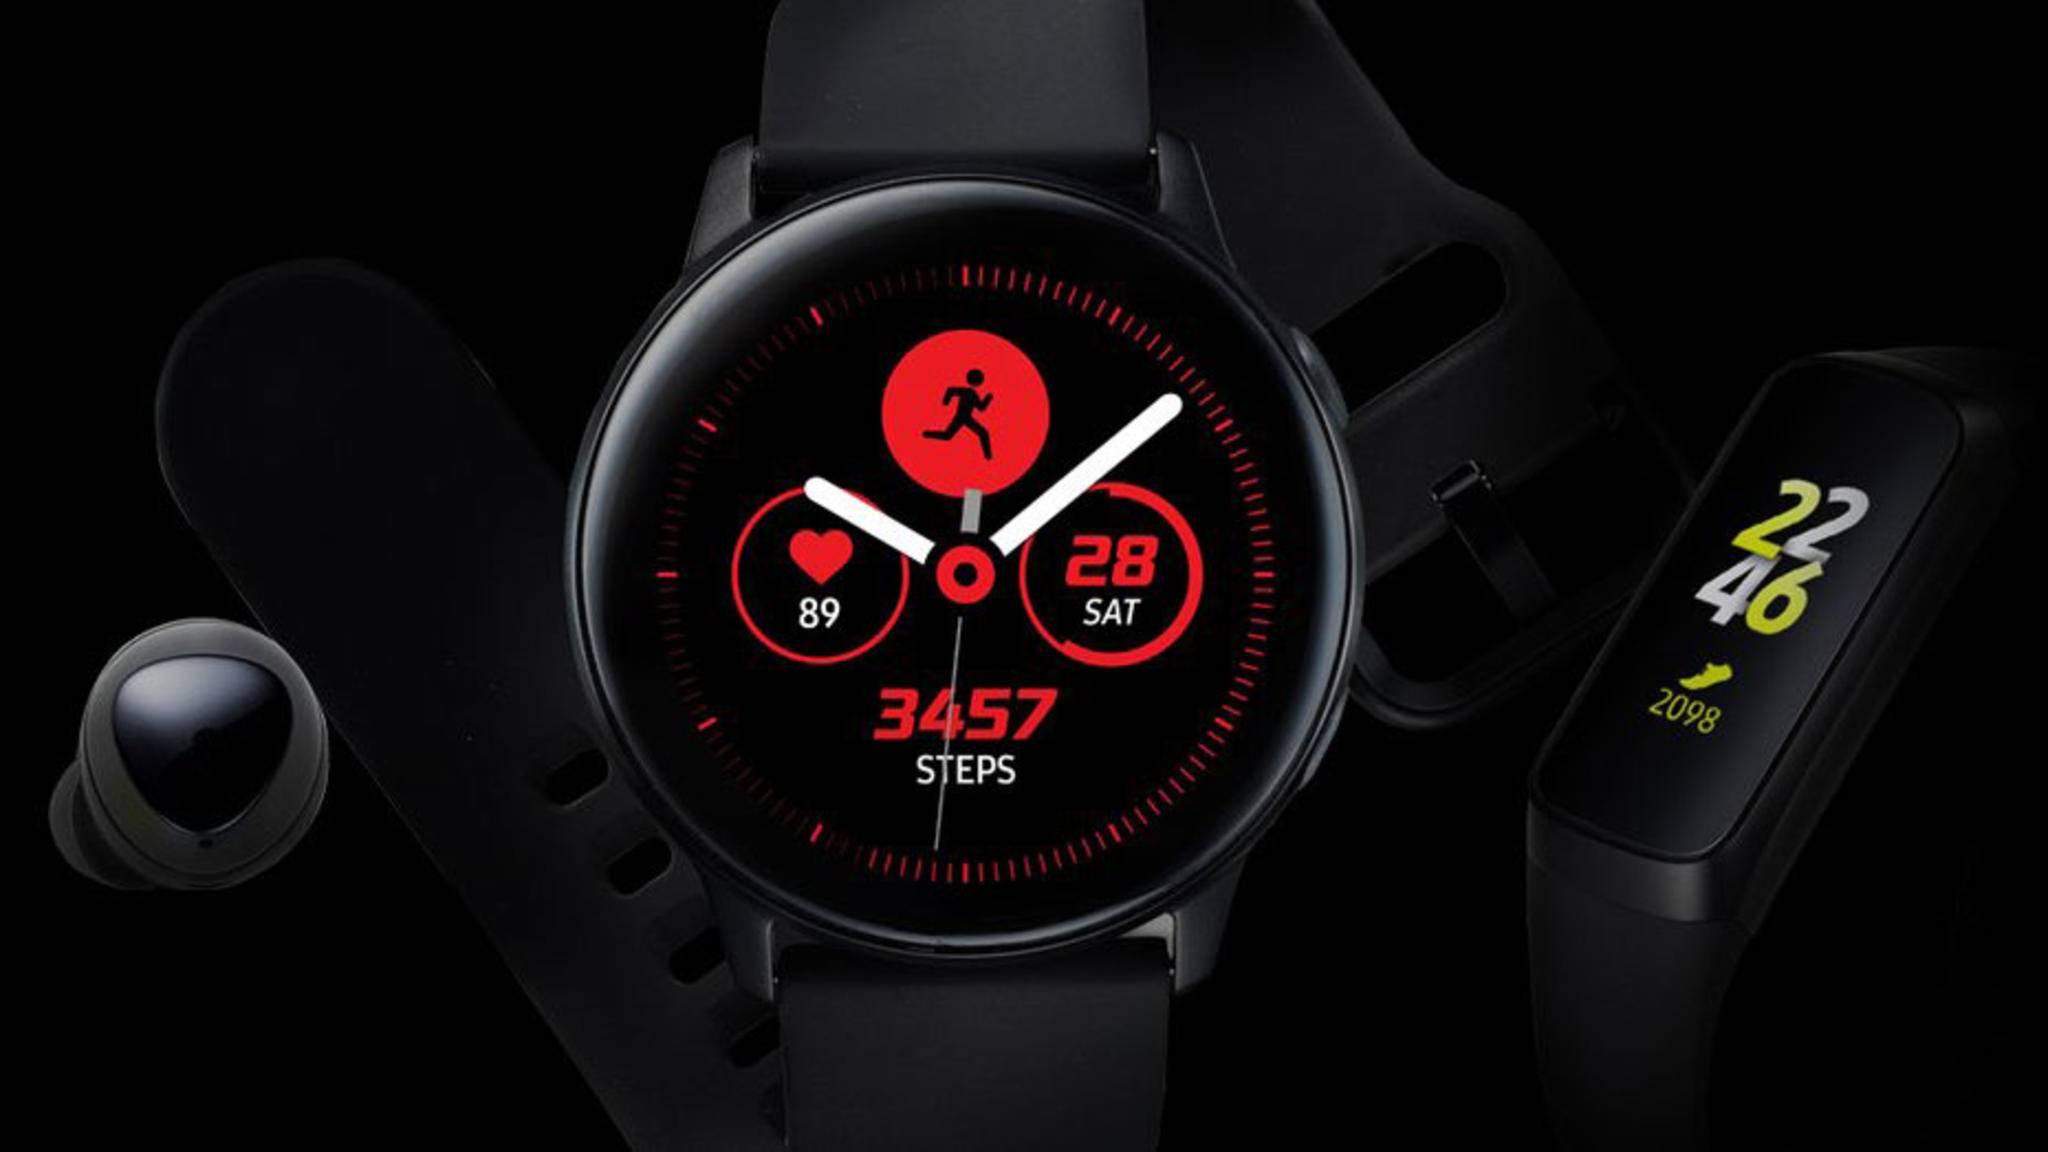 Schon Tage vor dem eigentlichen Launch zeigt sich unter anderem die Galaxy Watch Active in einem Leak.